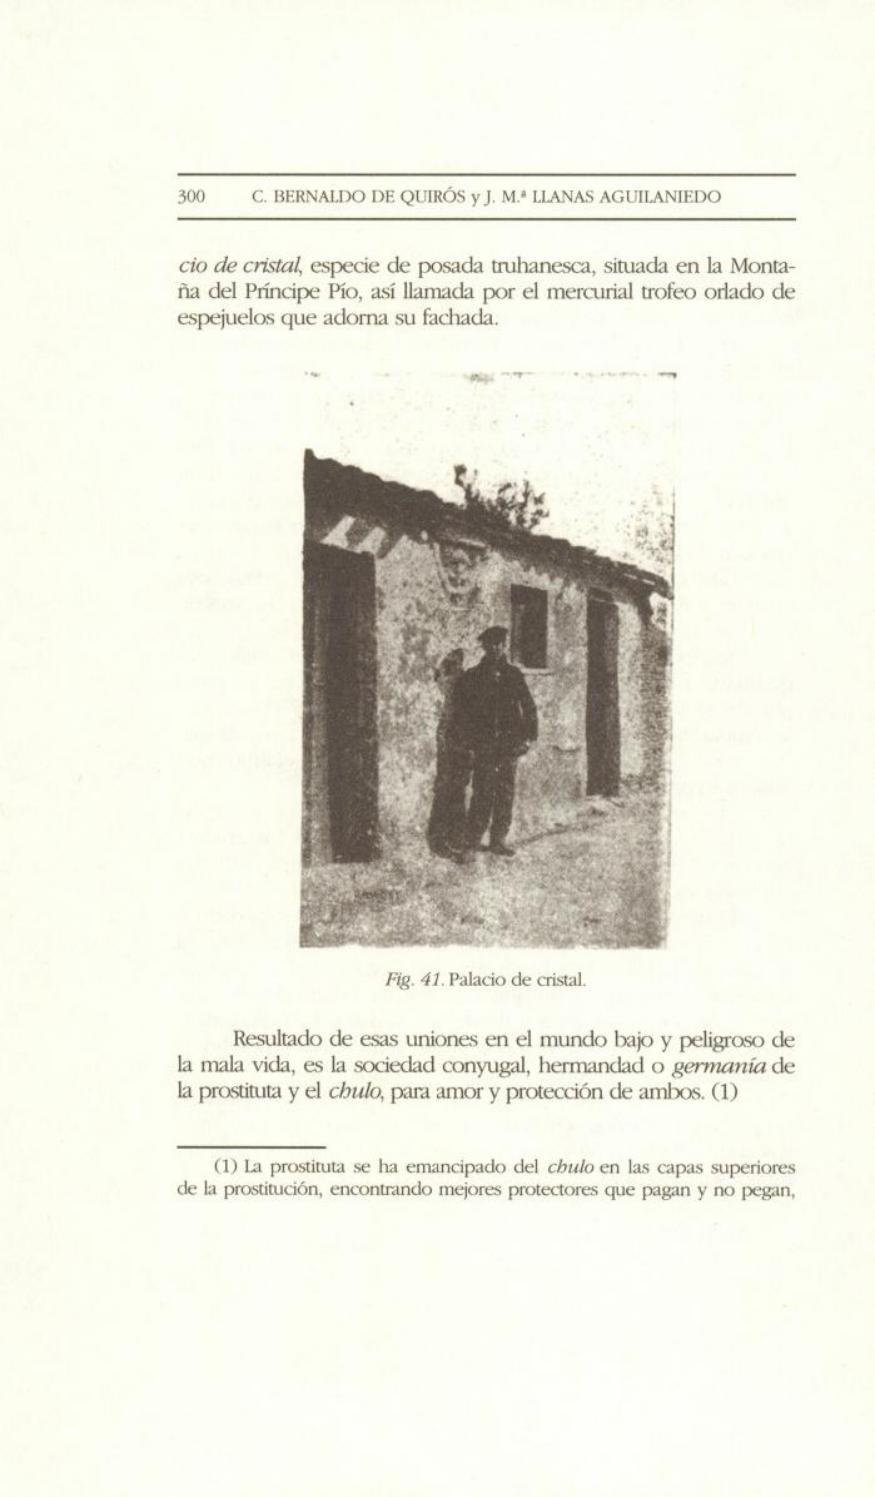 Chulo Prostitutas Prostitutas Siglo Xviii